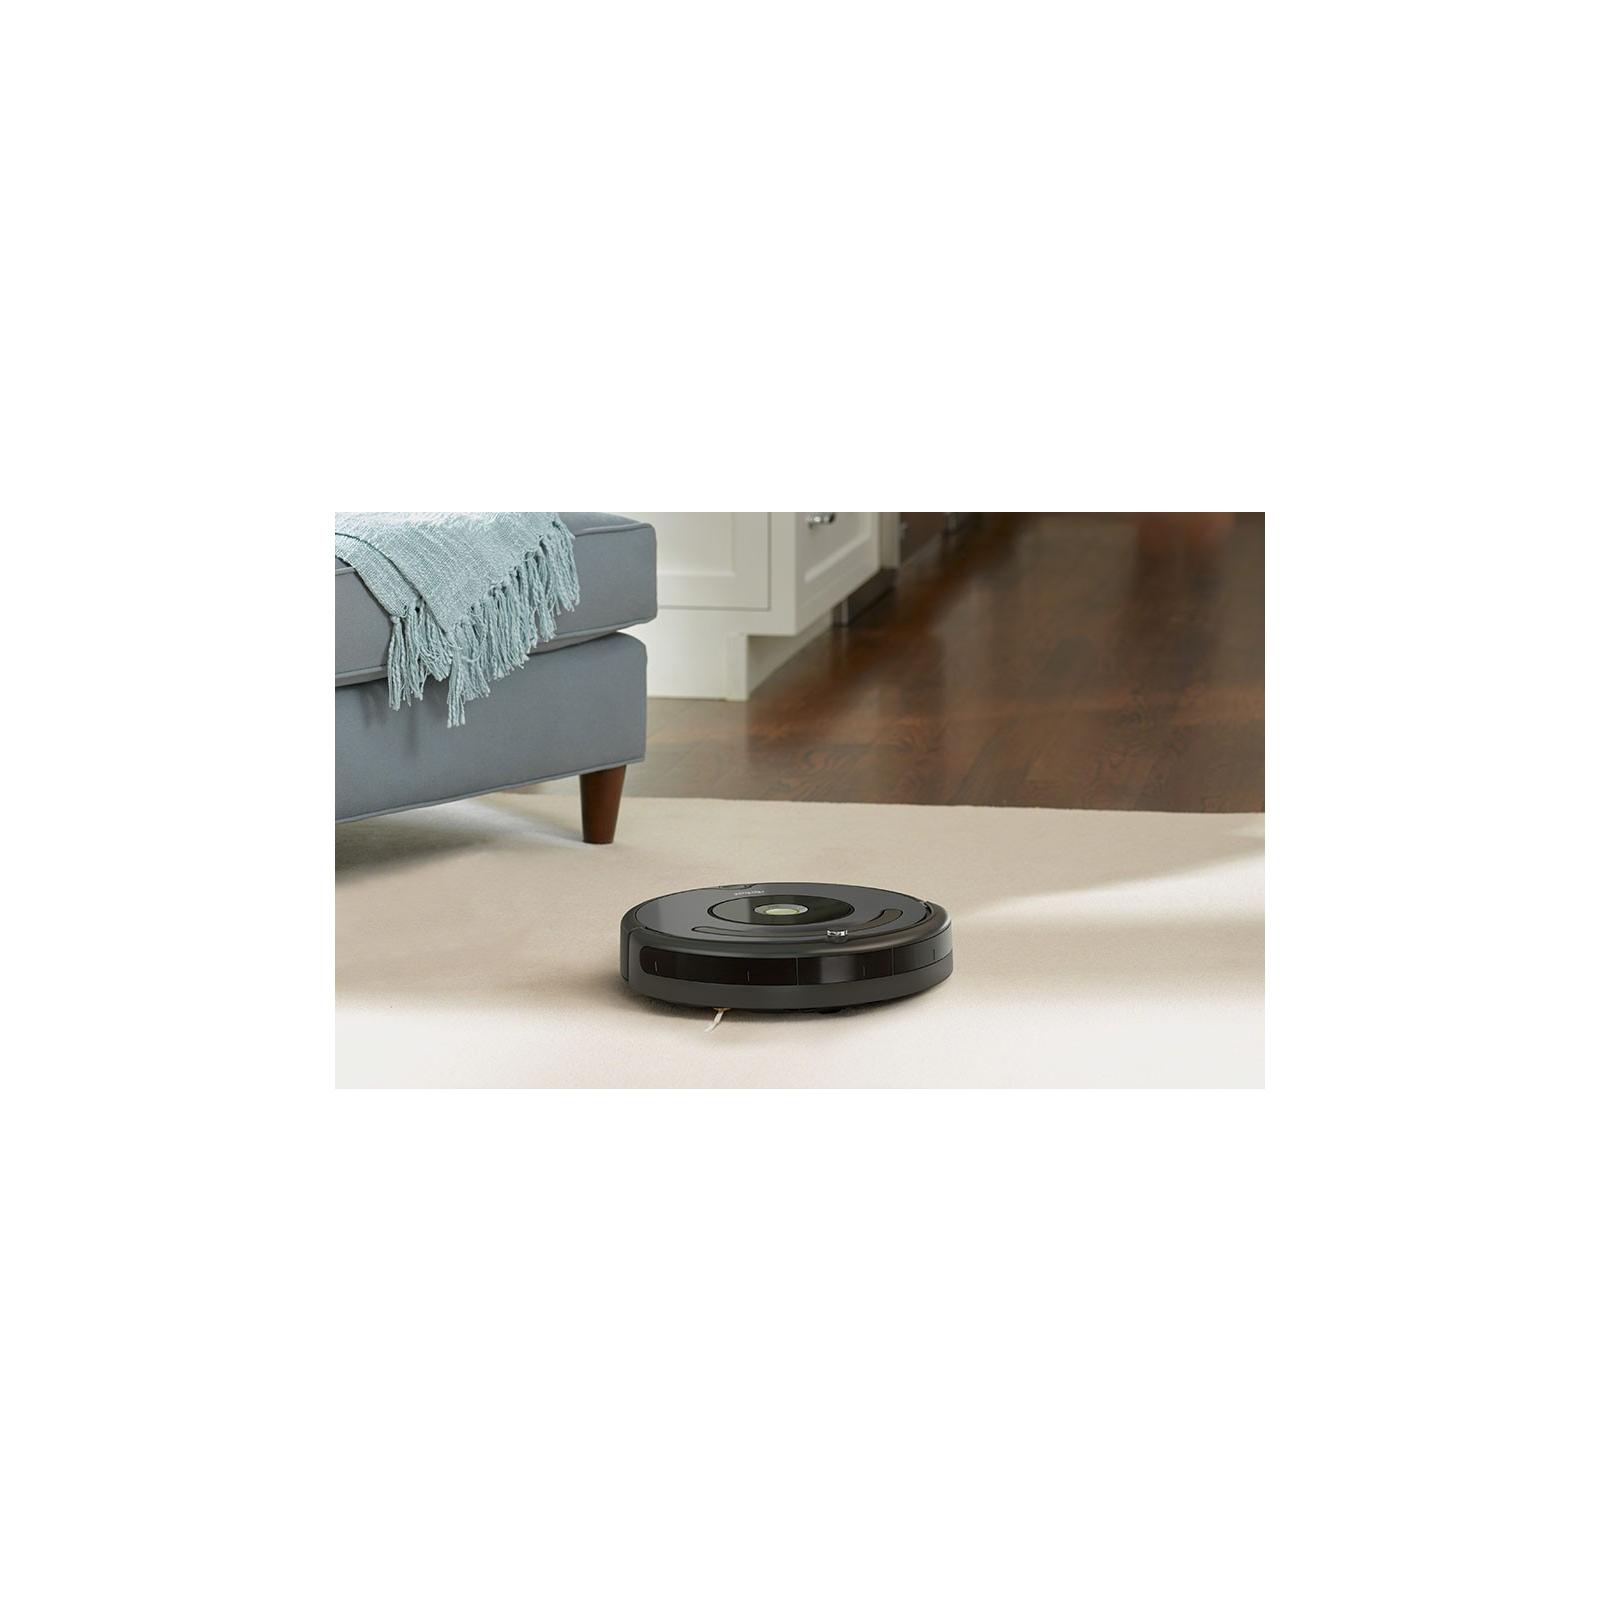 Пылесос iRobot Roomba 676 (R676040) изображение 8